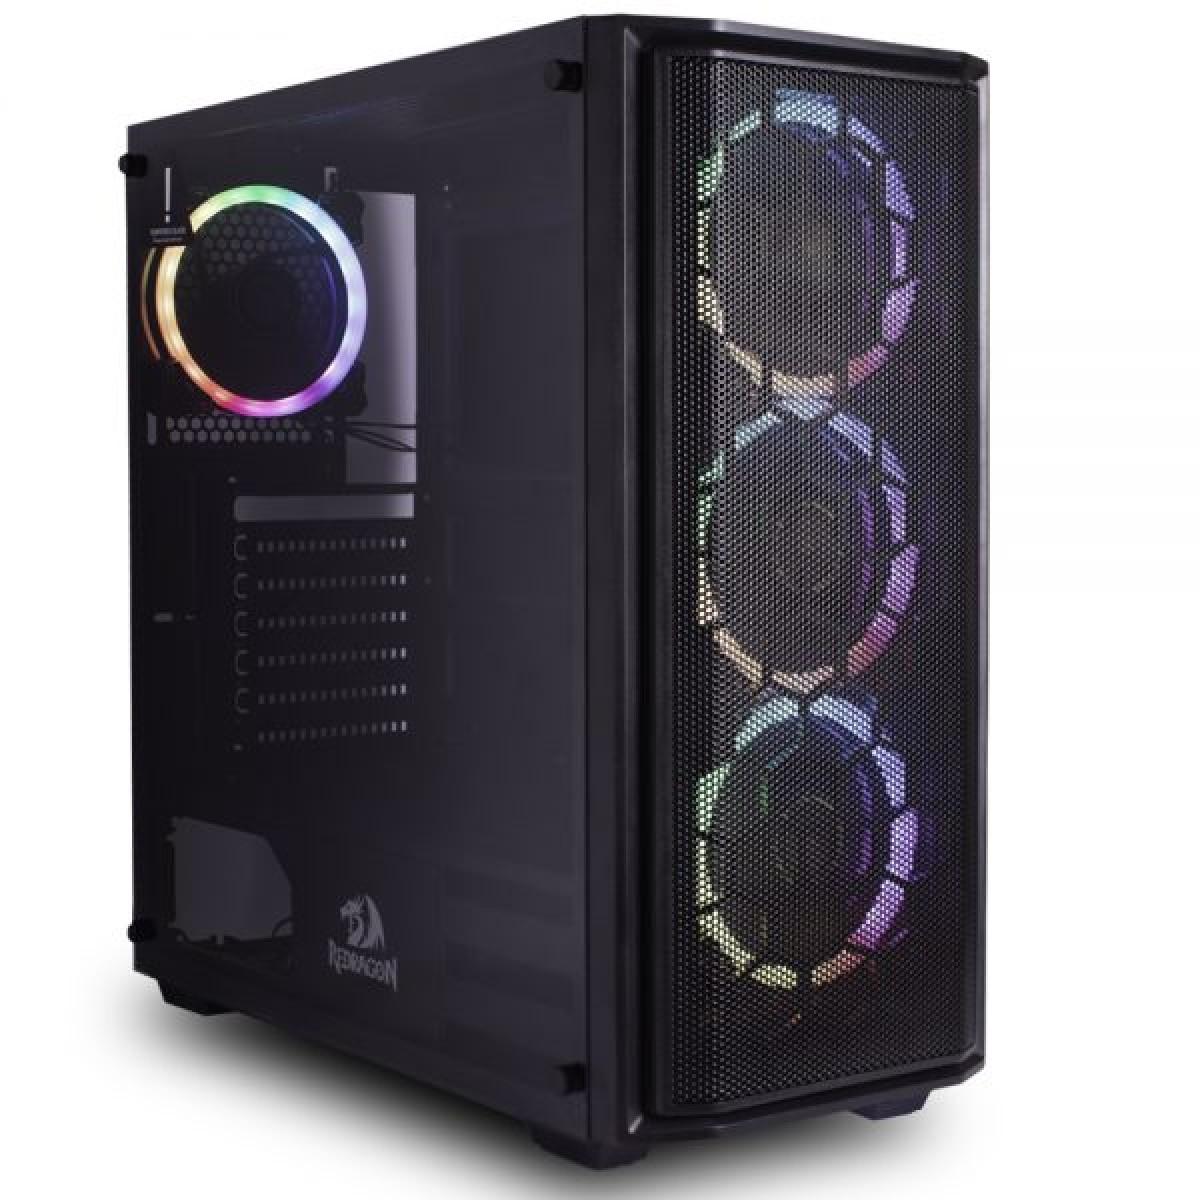 Pc Gamer T-Power Maximus LVL-4 Intel i5 9600kf / Geforce RTX 2080 TI 11GB / DDR4 16GB / HD 1TB / 700W